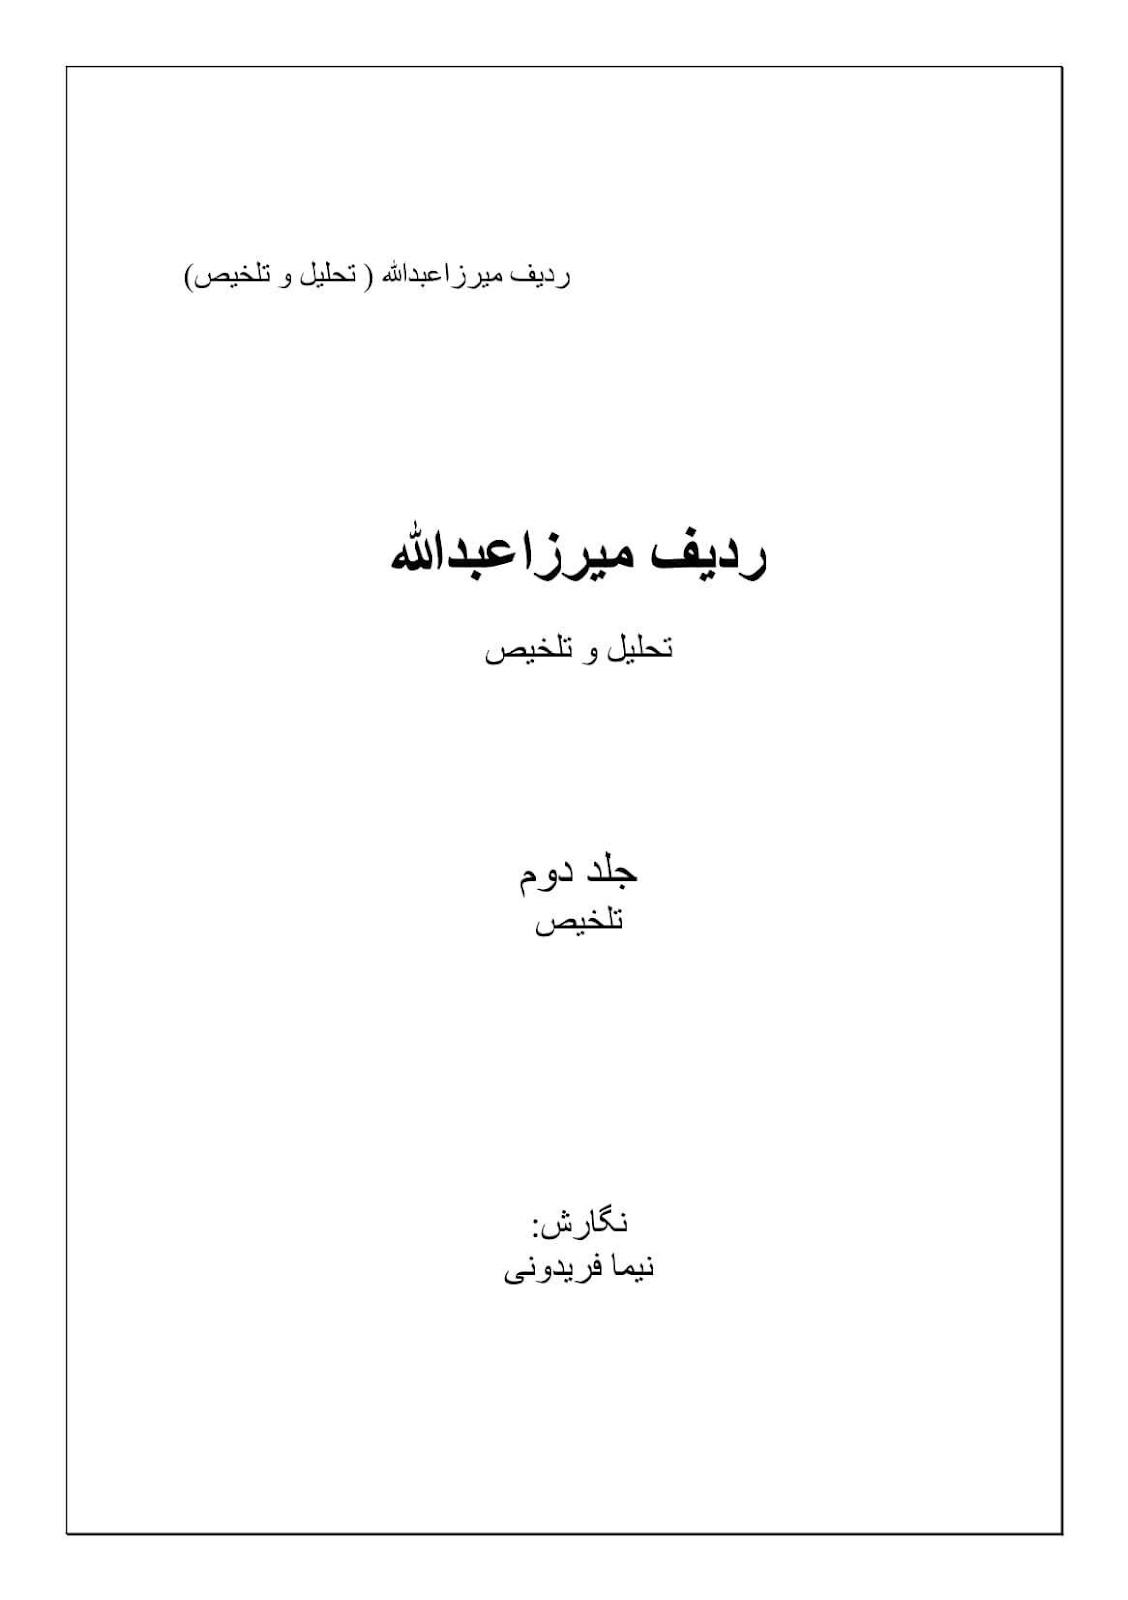 دانلود پیدیاف کتاب تلخیص ردیف میرزاعبدالله و تئوری موسیقی ایرانی نیما فریدونی